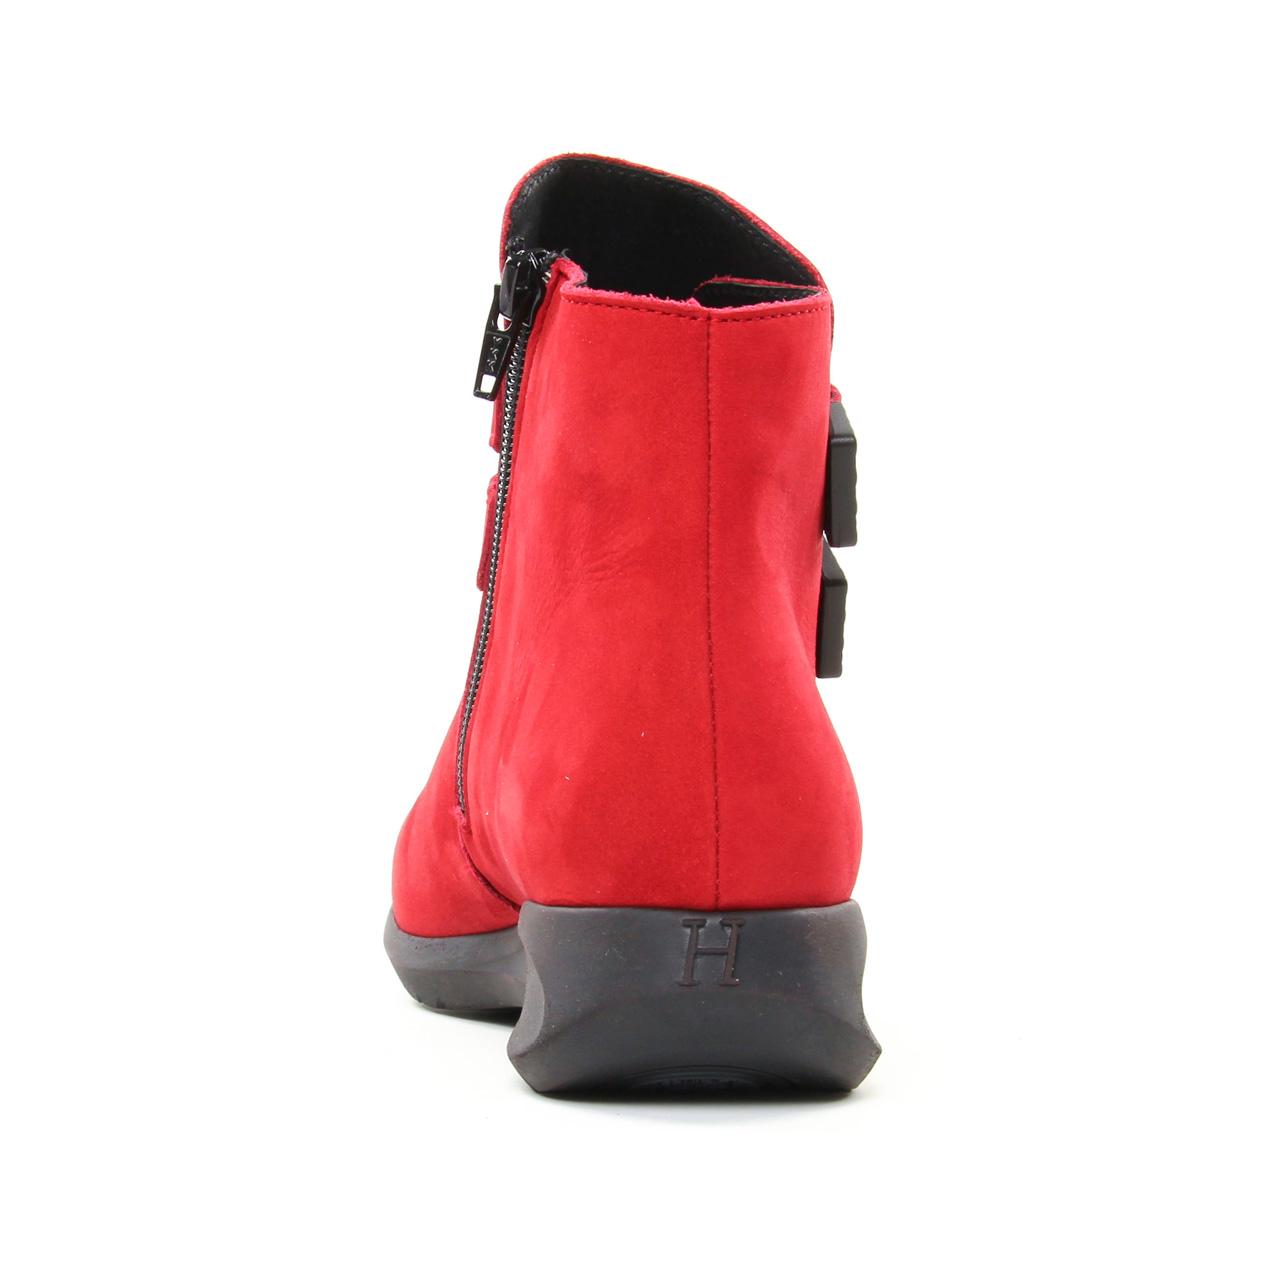 Hirica 38V3B5 Rouge | boots rouge automne hiver chez TROIS PAR 3